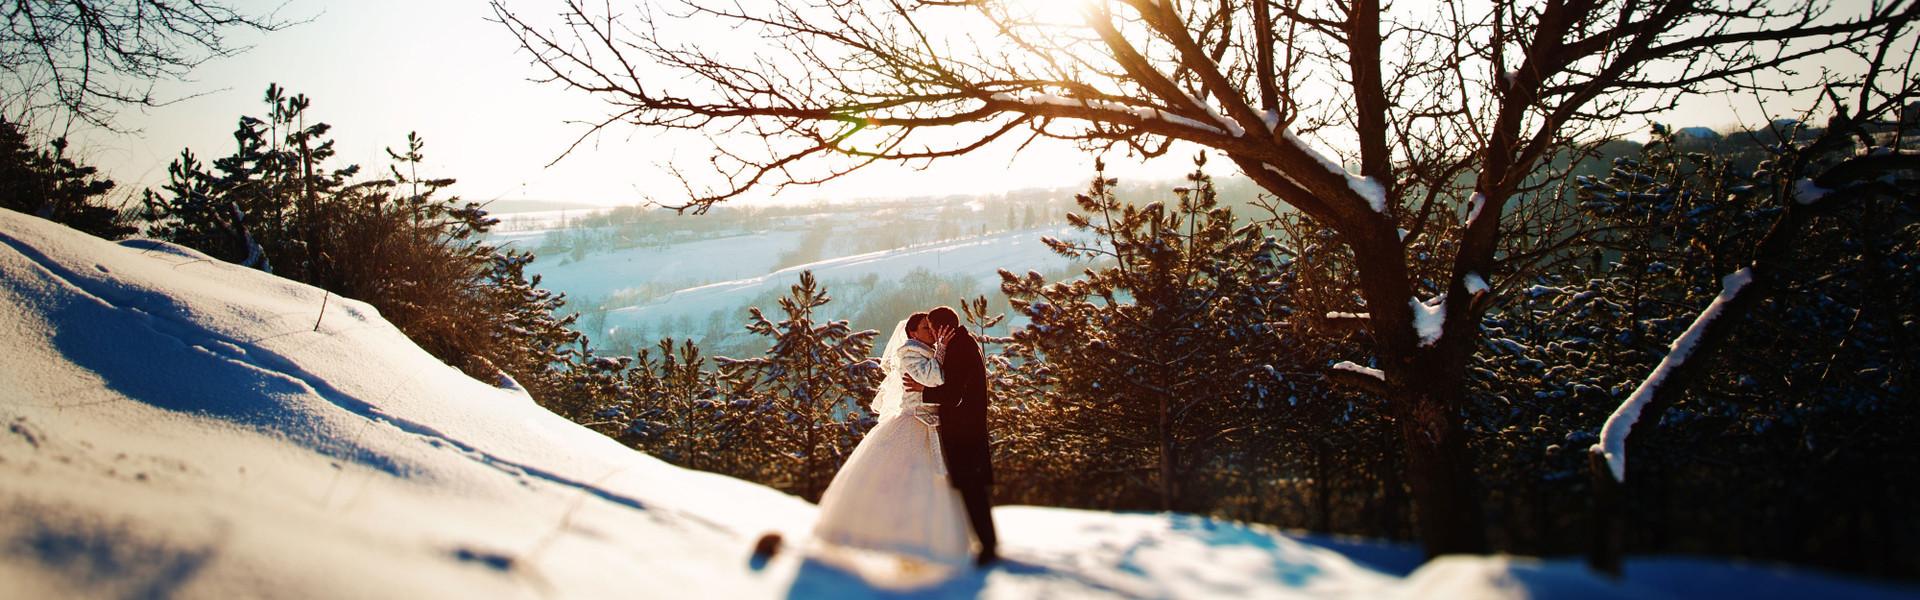 Park City Hotel Wedding Deals - Couple